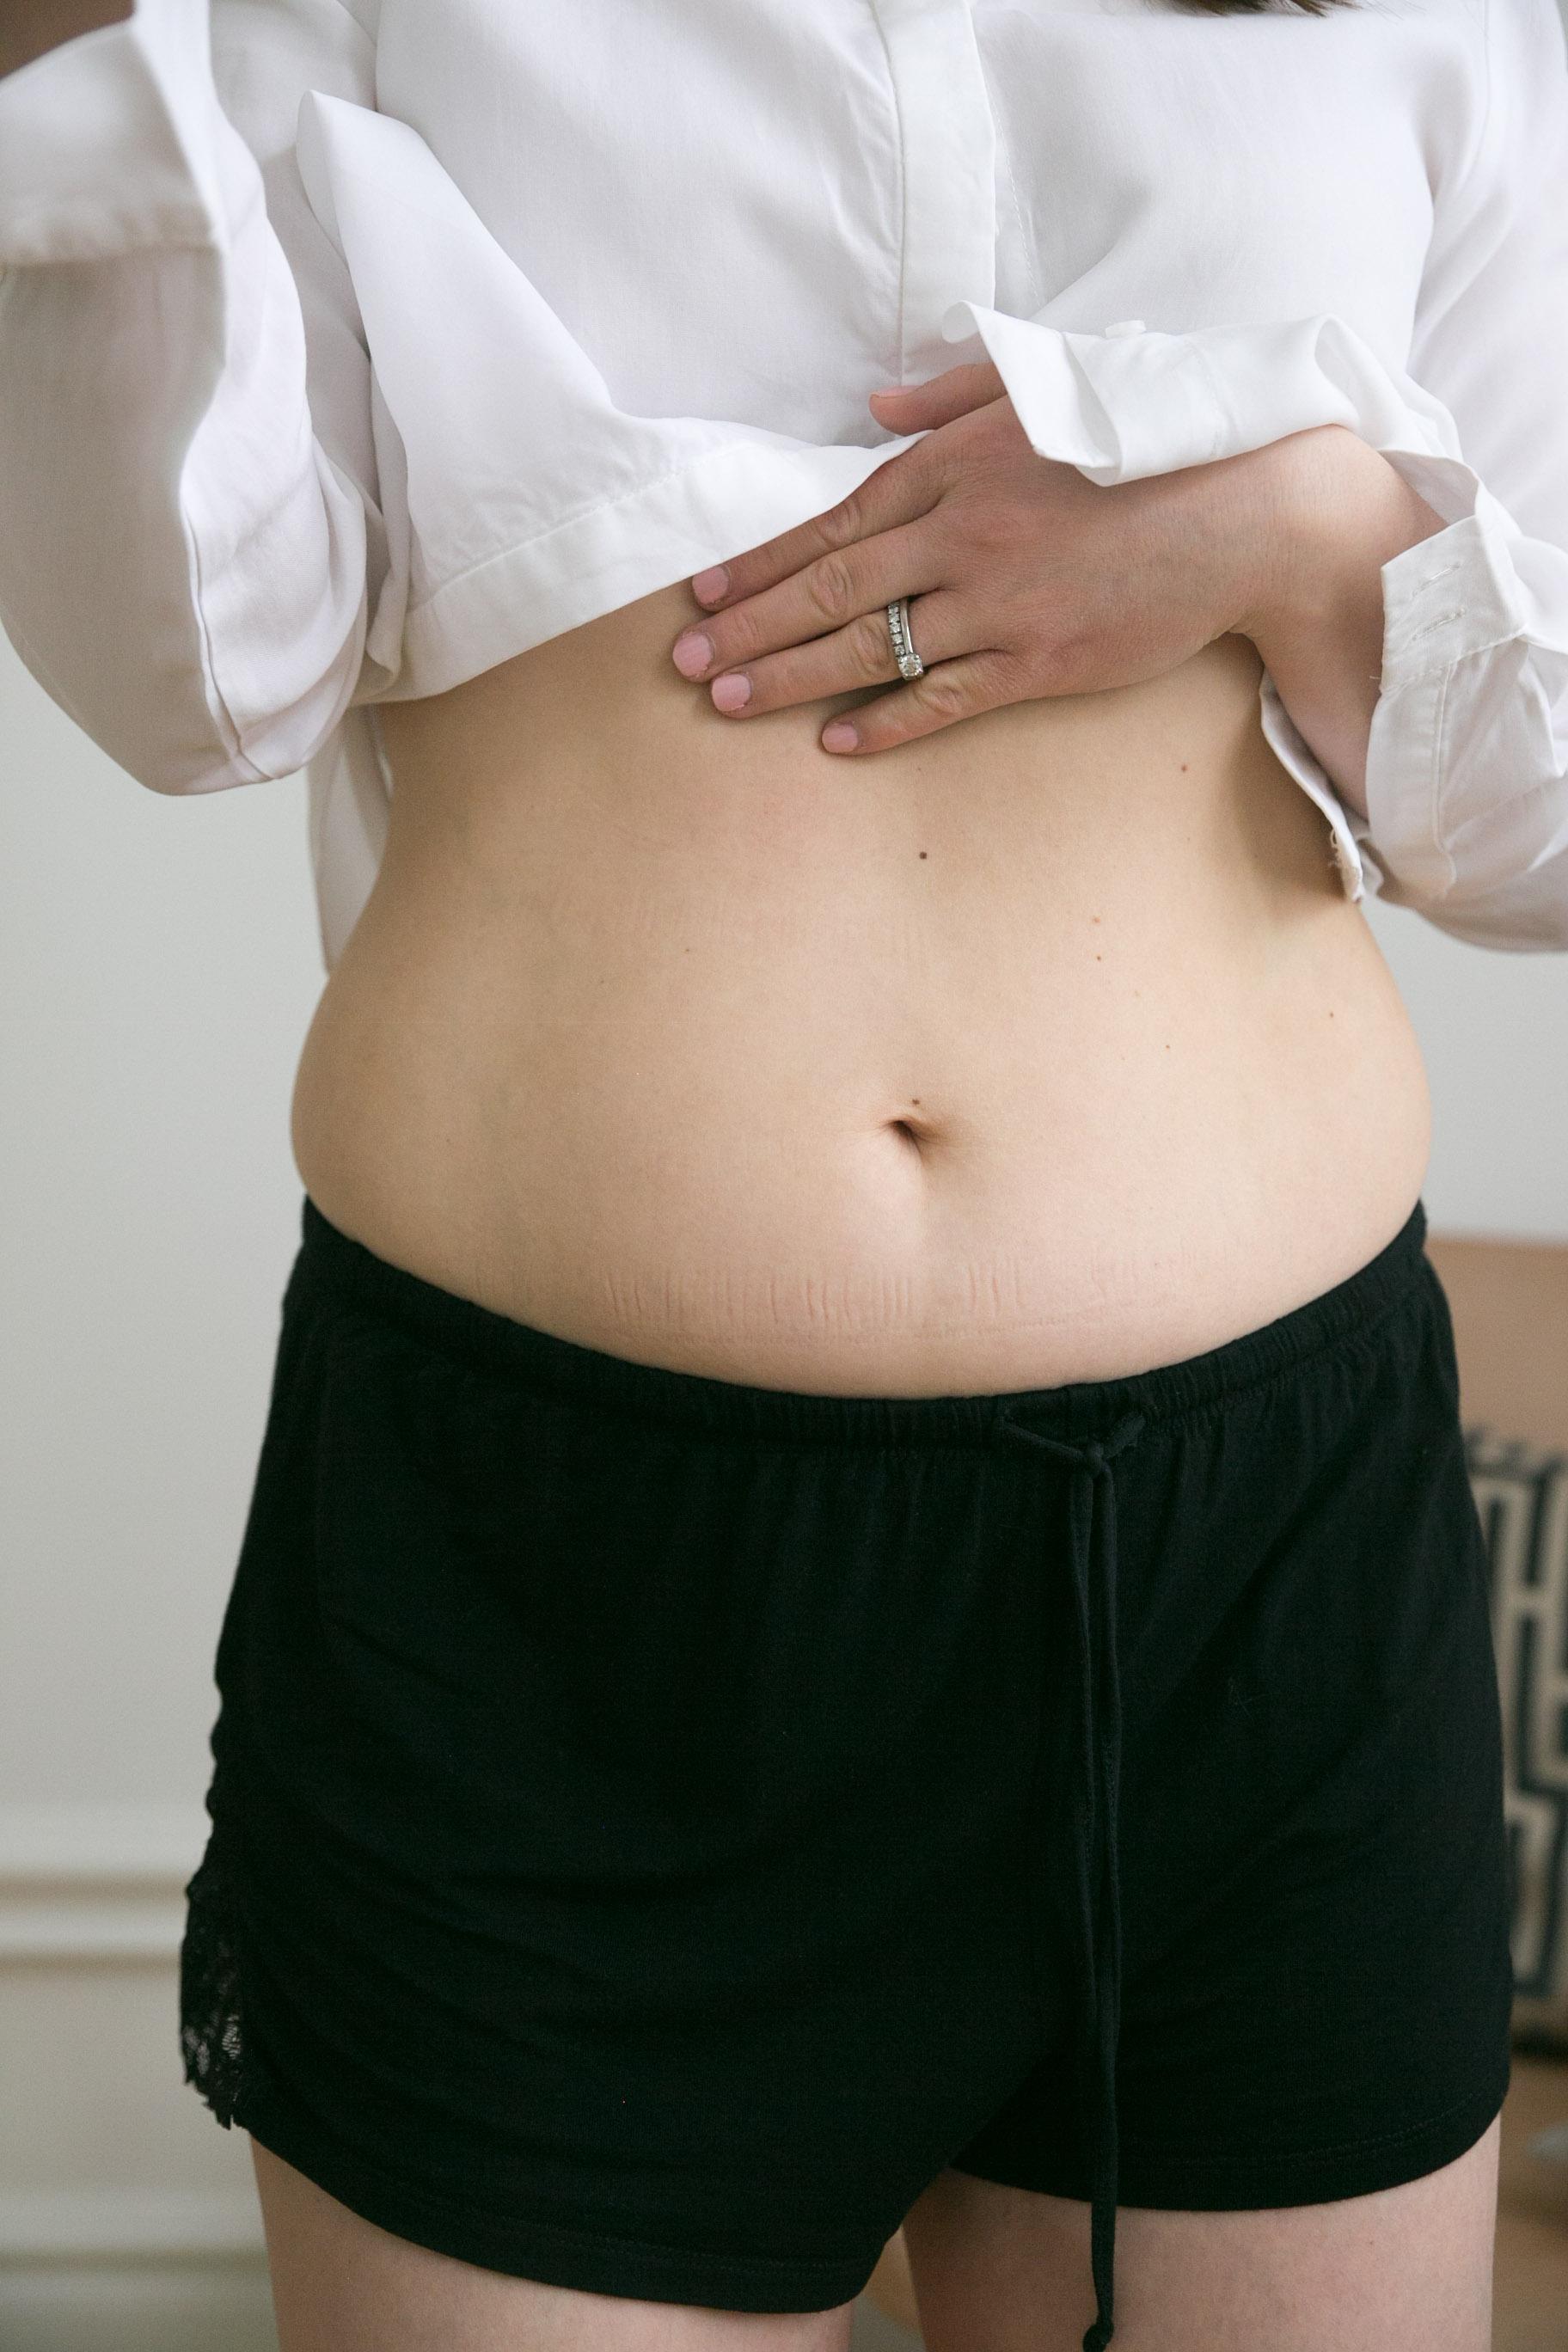 magmuskeldelning efter graviditet diastas.jpg